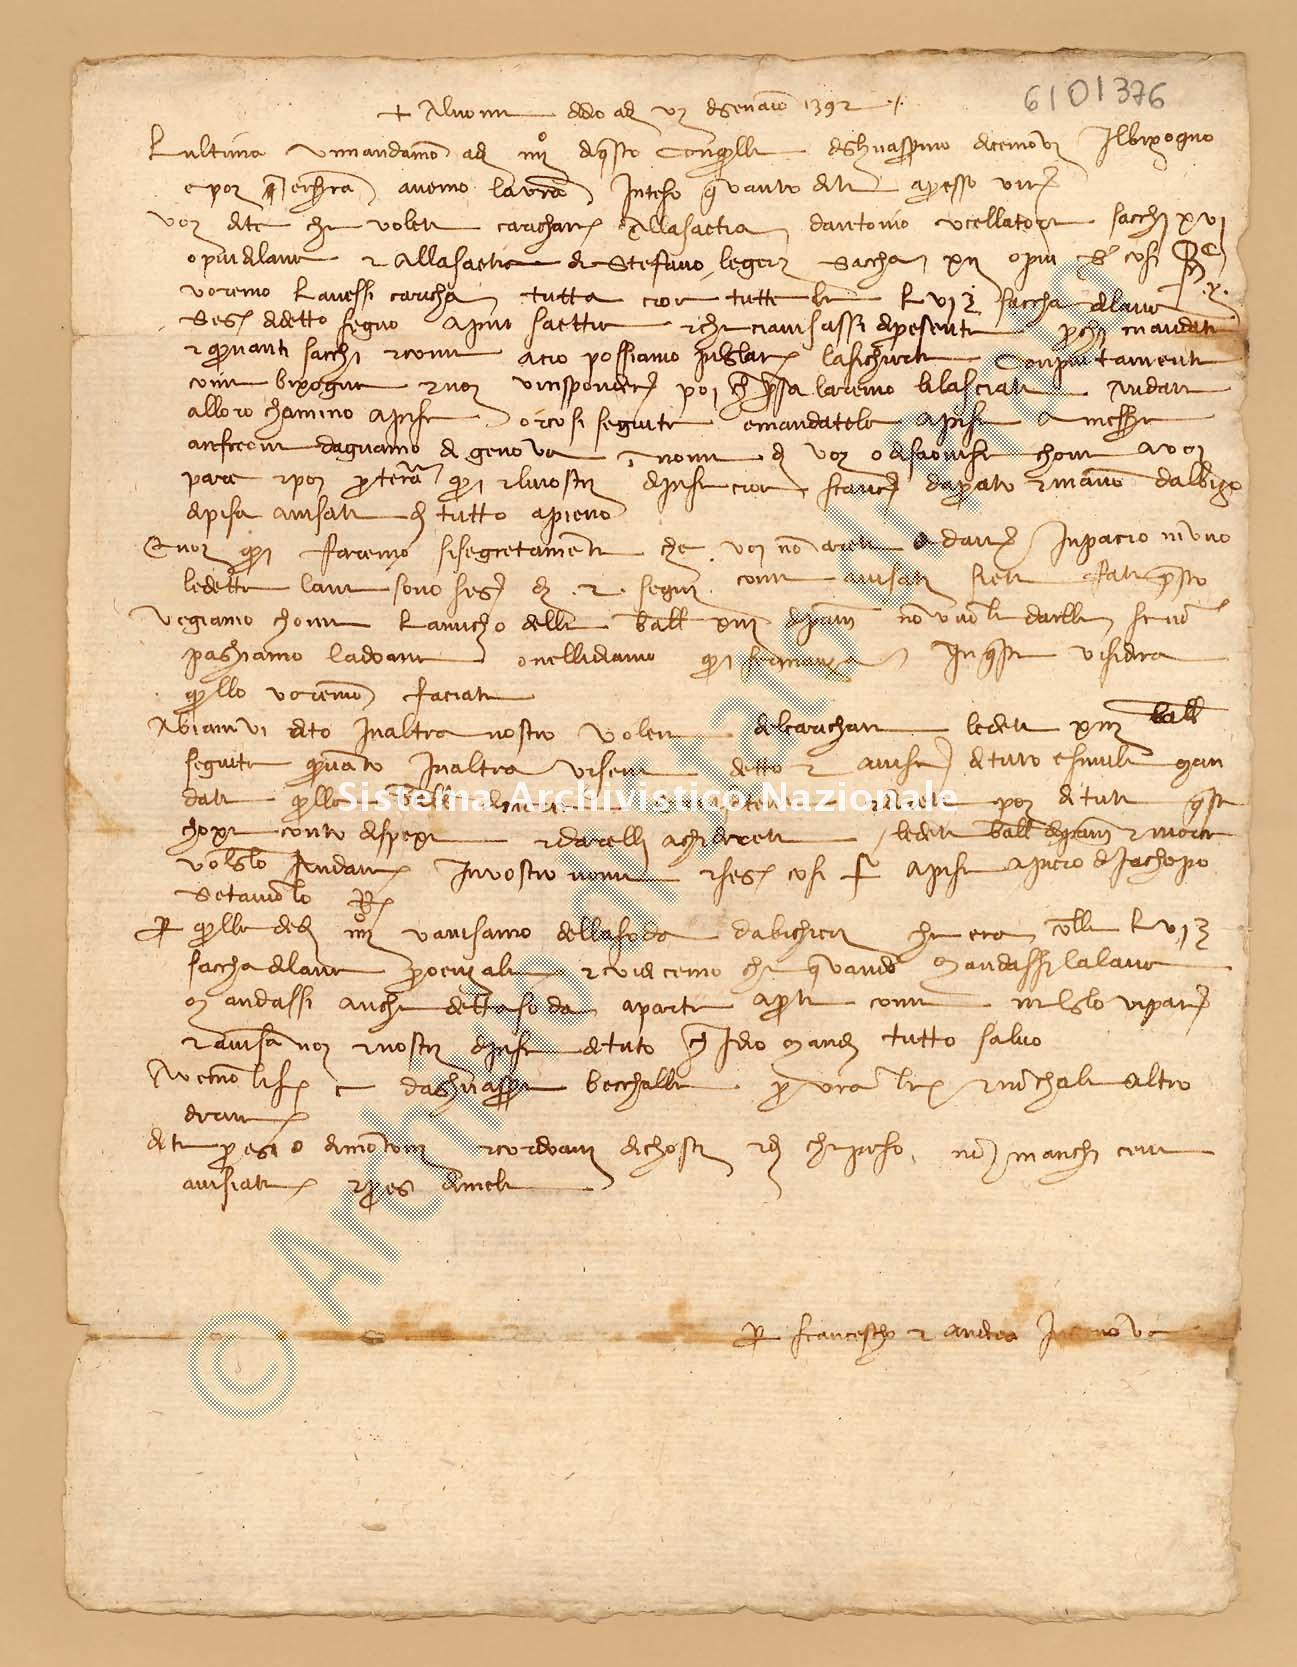 Archivio di Stato di Prato, Fondo Datini, Appendice al carteggio, 1116.254 Lettere Di Datini Francesco Di Marco e Andrea Di Bonanno Di Ser Berizo e Comp. a Bartolomeo Di Barone Da Savona (busta 1116, inserto 254, codice 6101376)